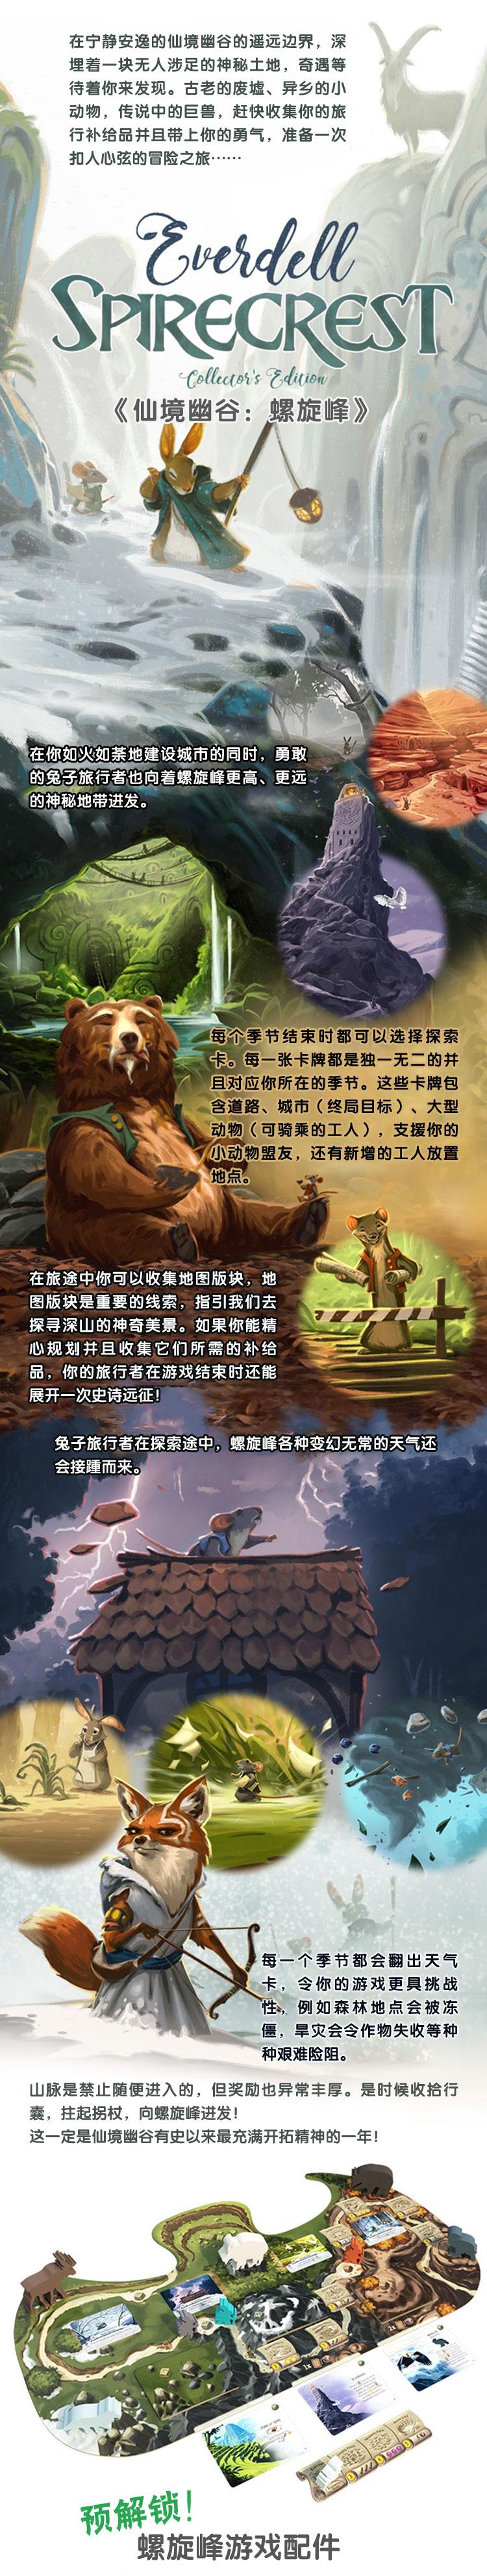 仙境幽谷扩展页面2-螺旋峰10_02.jpg